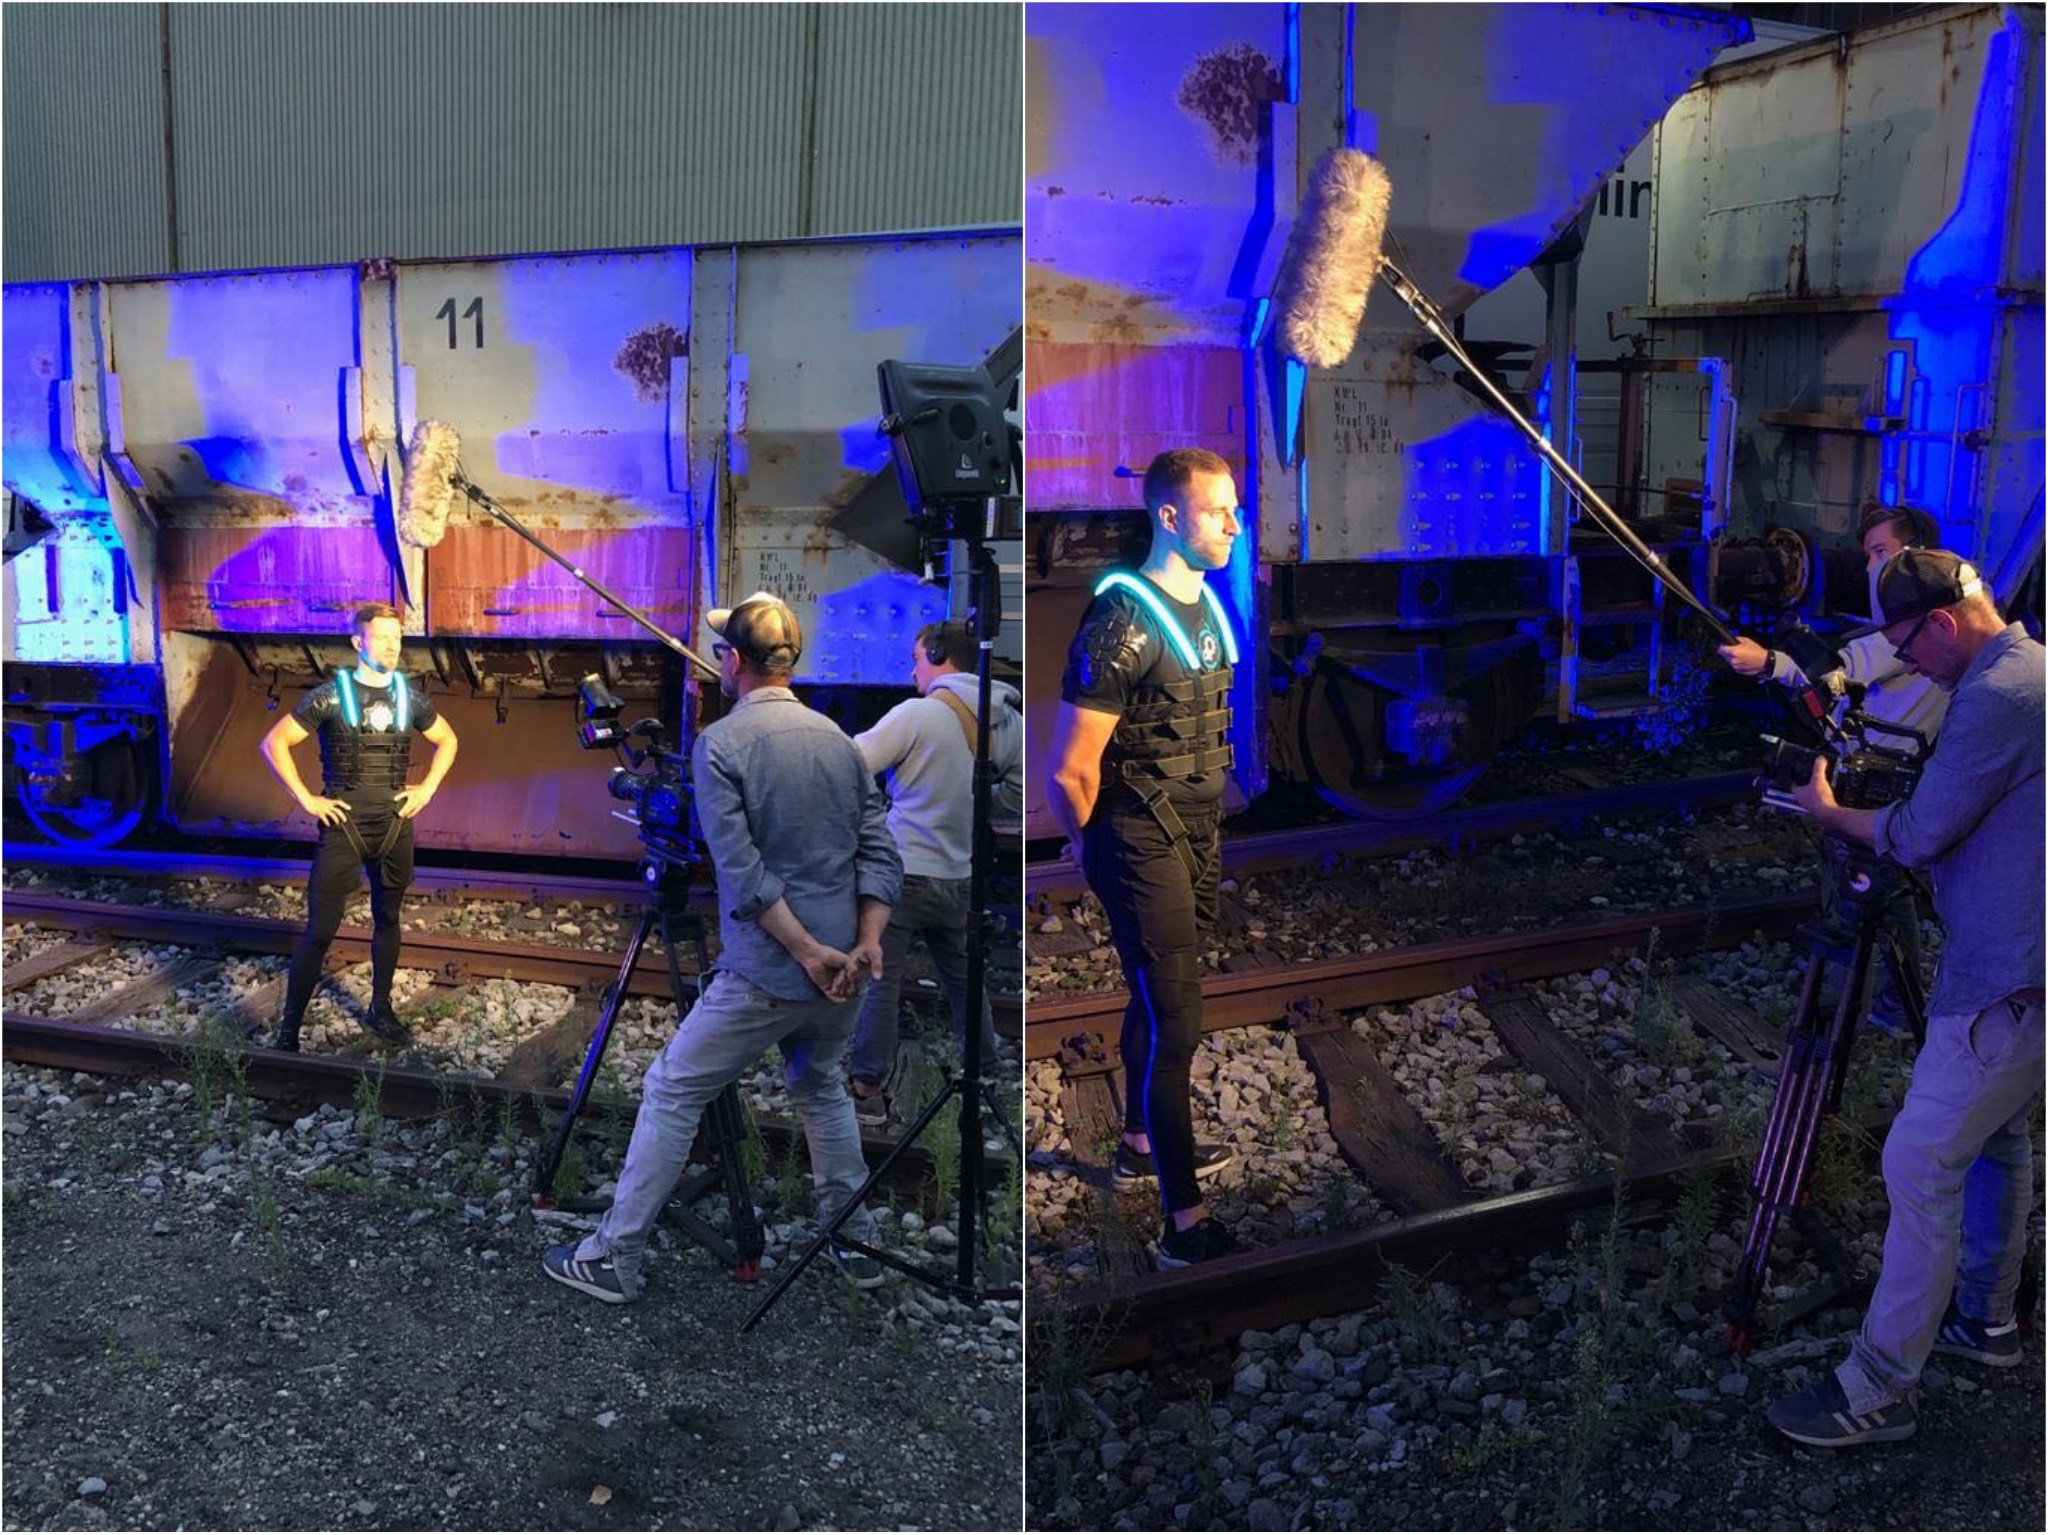 Lukas und Alex hinter den Kulissen der ProSieben Show. Fotos: Lukas Storath